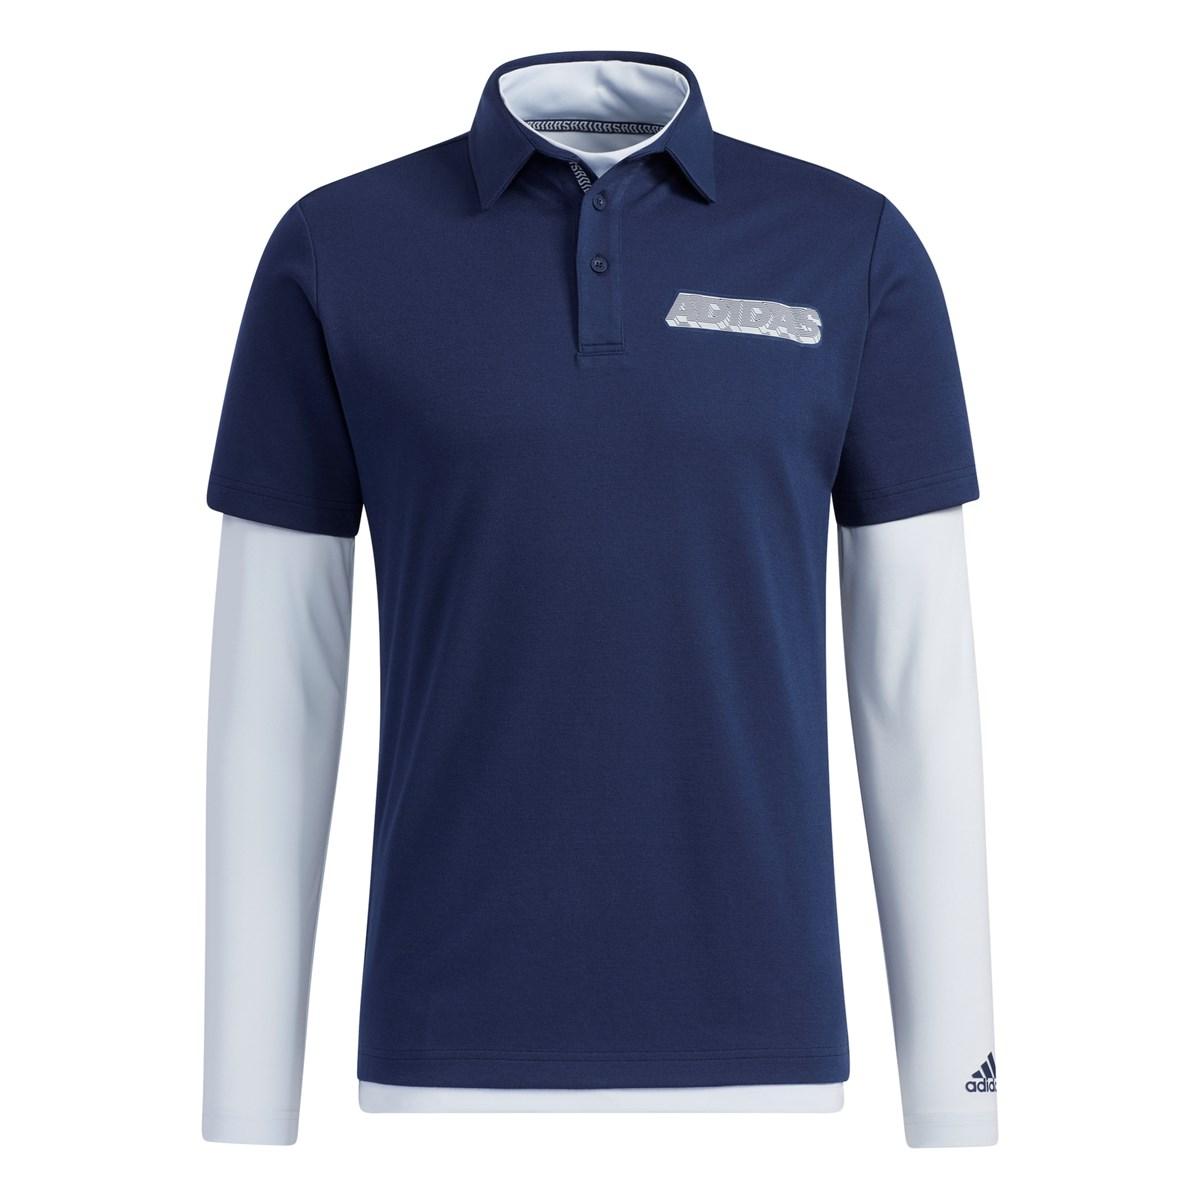 アディダス Adidas チェストロゴ レイヤード半袖ポロシャツ J/O カレッジネイビー/ヘイローブルー